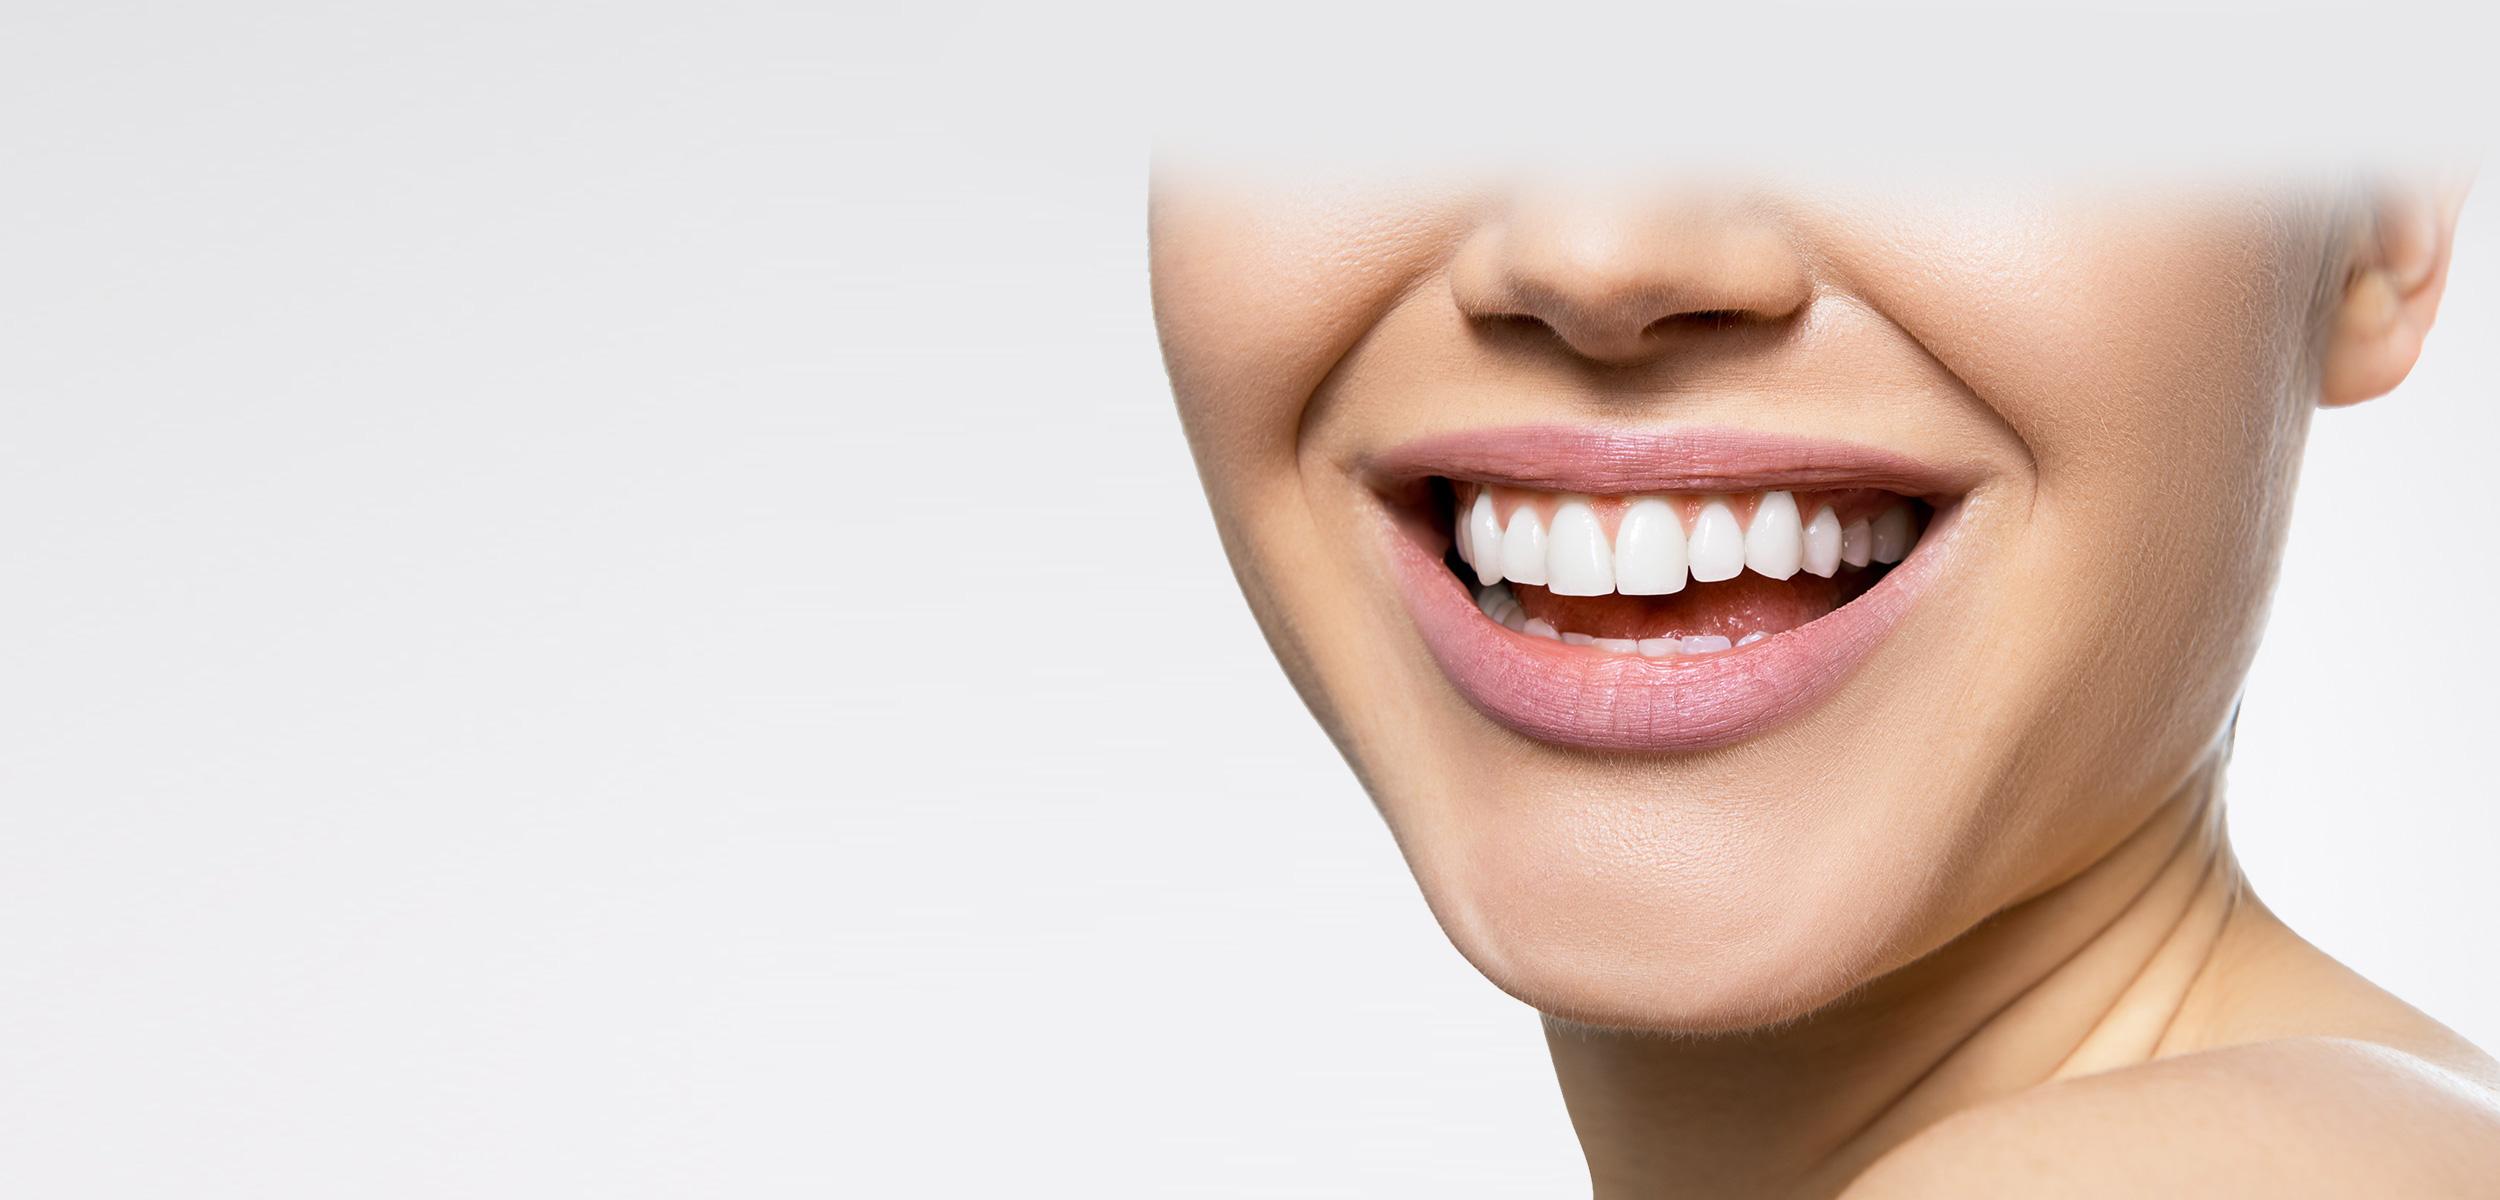 20 Yaş Dişleri Çürük Apse ve Gömülü Diş Kist Tedavisi